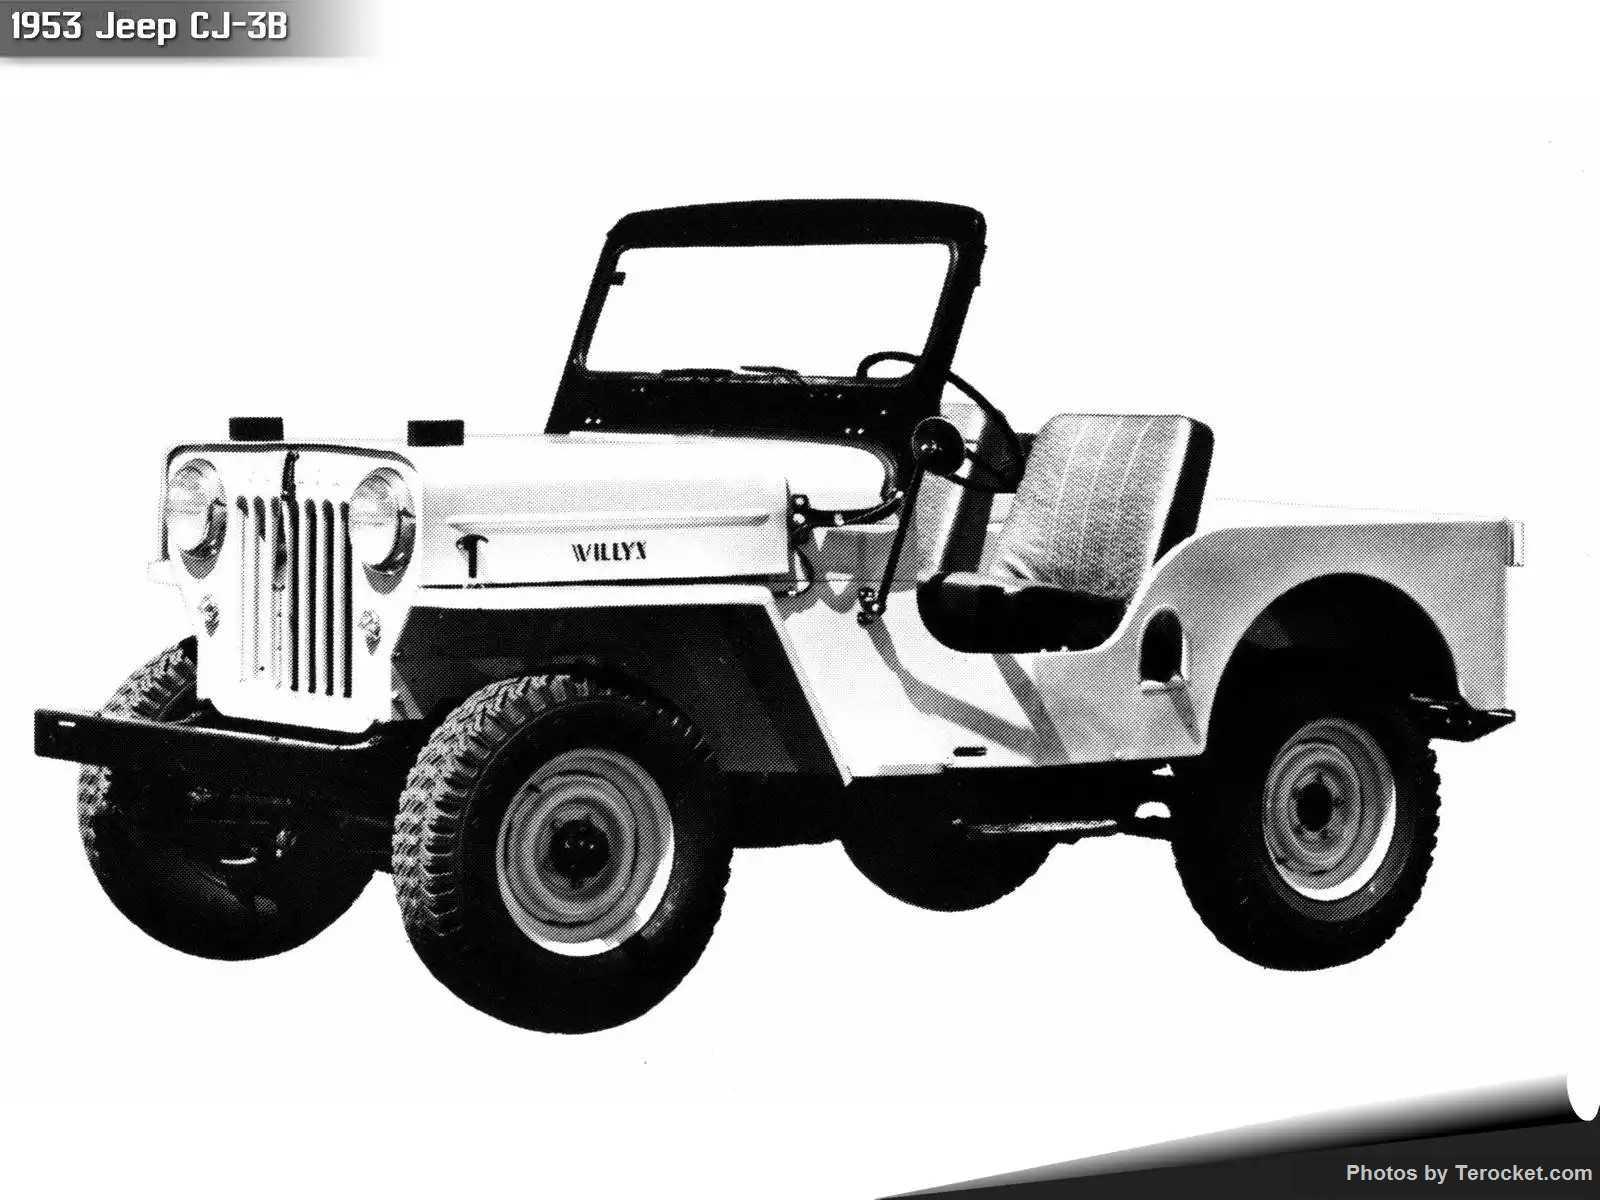 Hình ảnh xe ô tô Jeep CJ-3B 1953 & nội ngoại thất